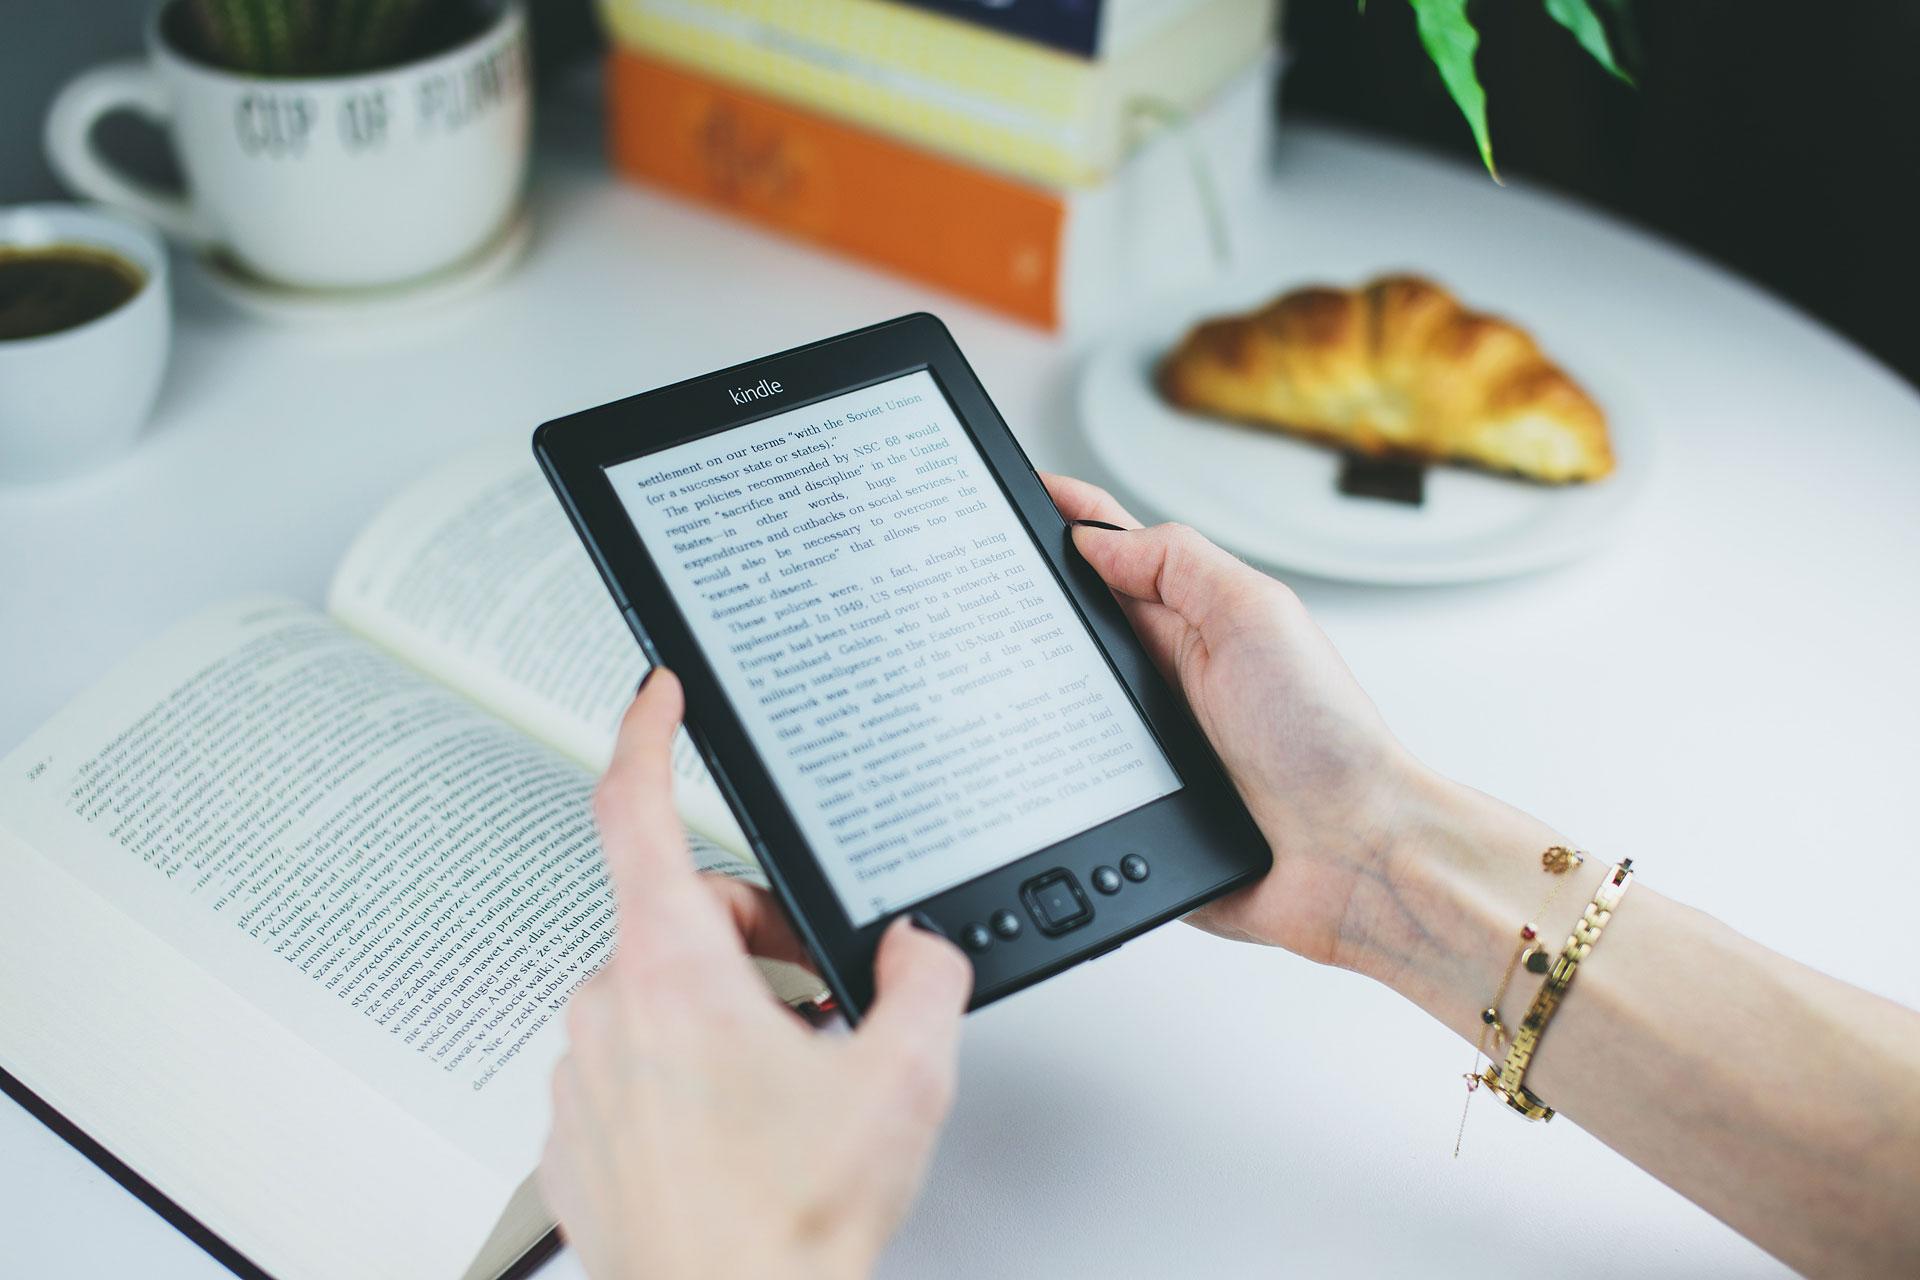 International Read an eBook Day